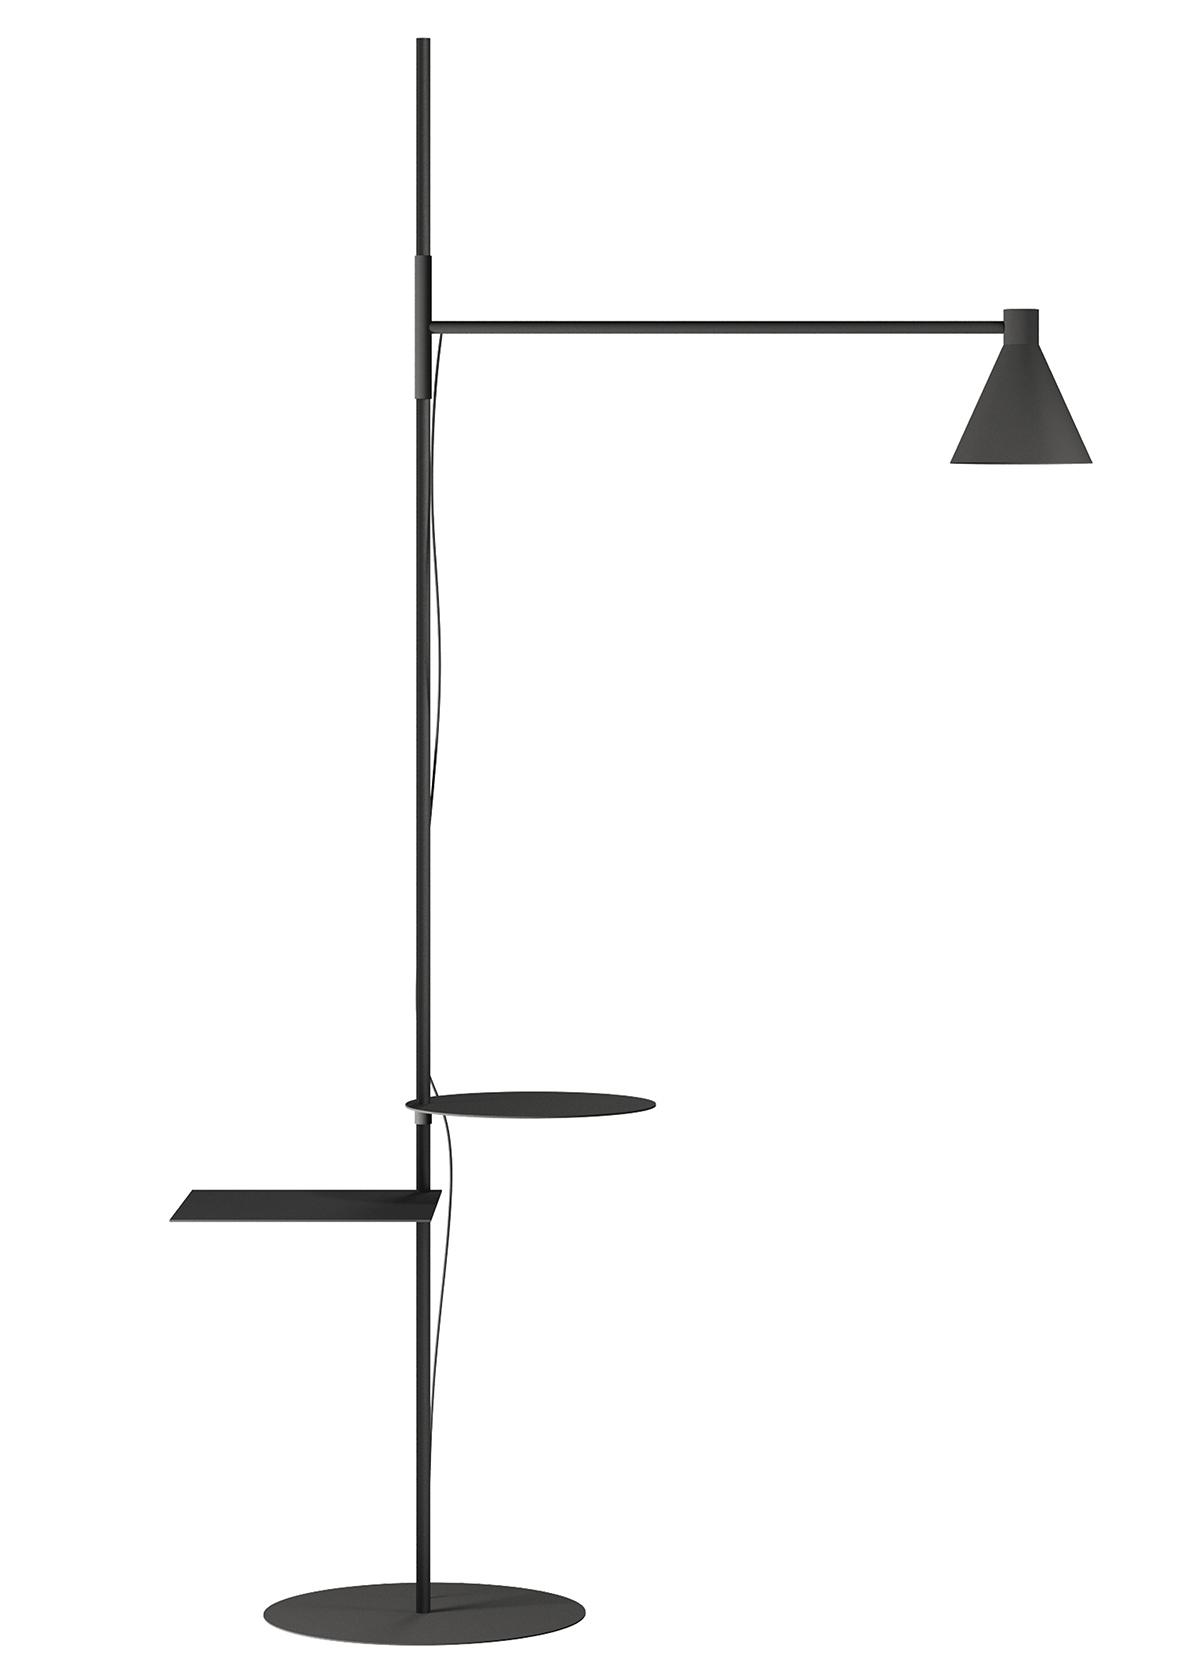 Nota Lamp by E. Ossino for De Padova at Salone del Mobile 2017   Yellowtrace